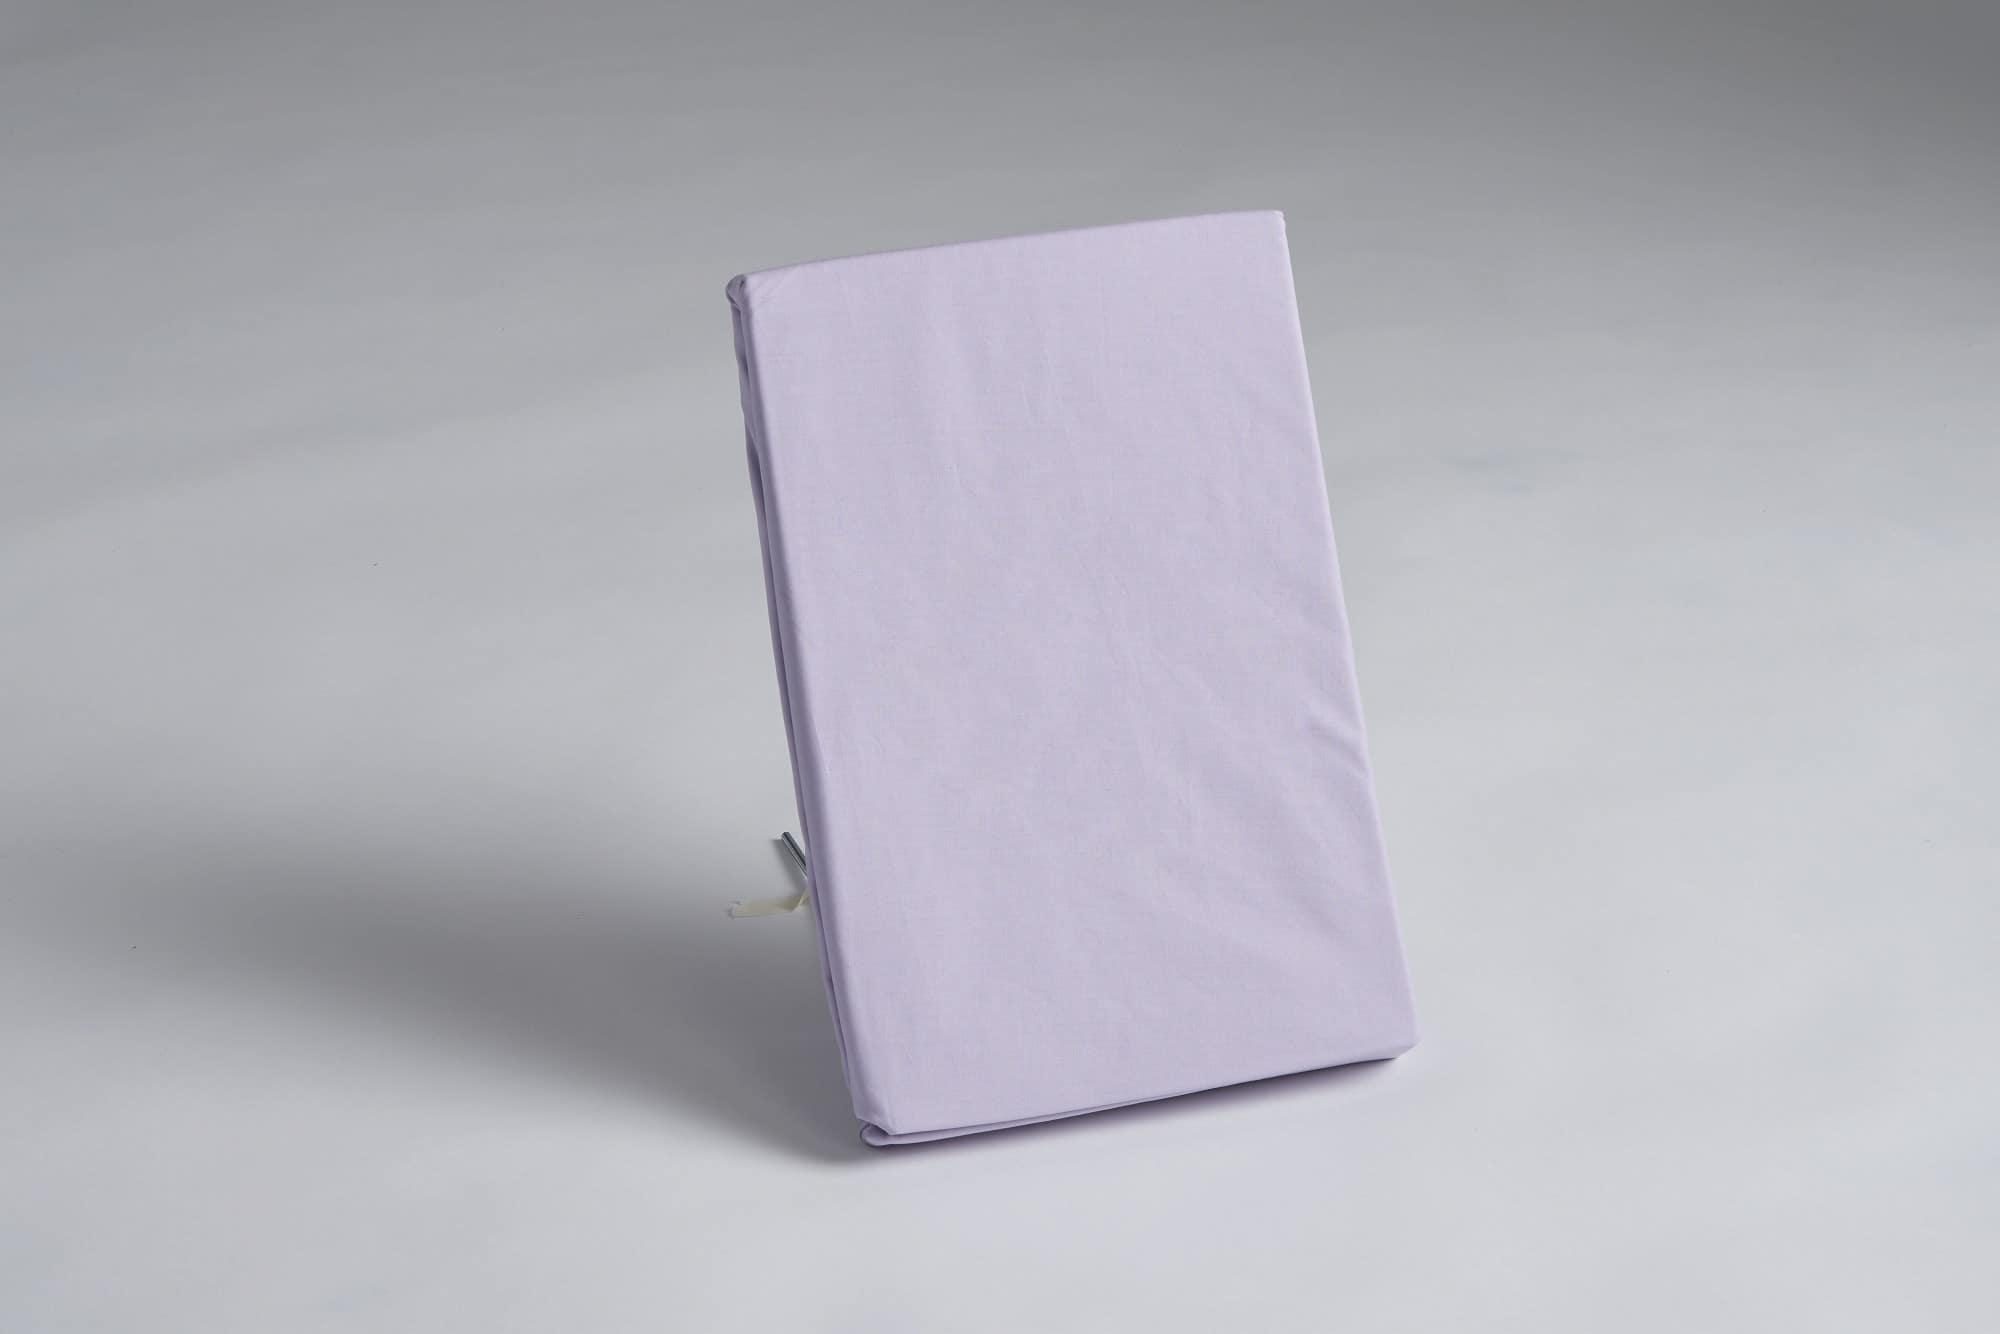 ボックスシーツ シングル用 30H パープル:《綿100%を使用したボックスシーツ》